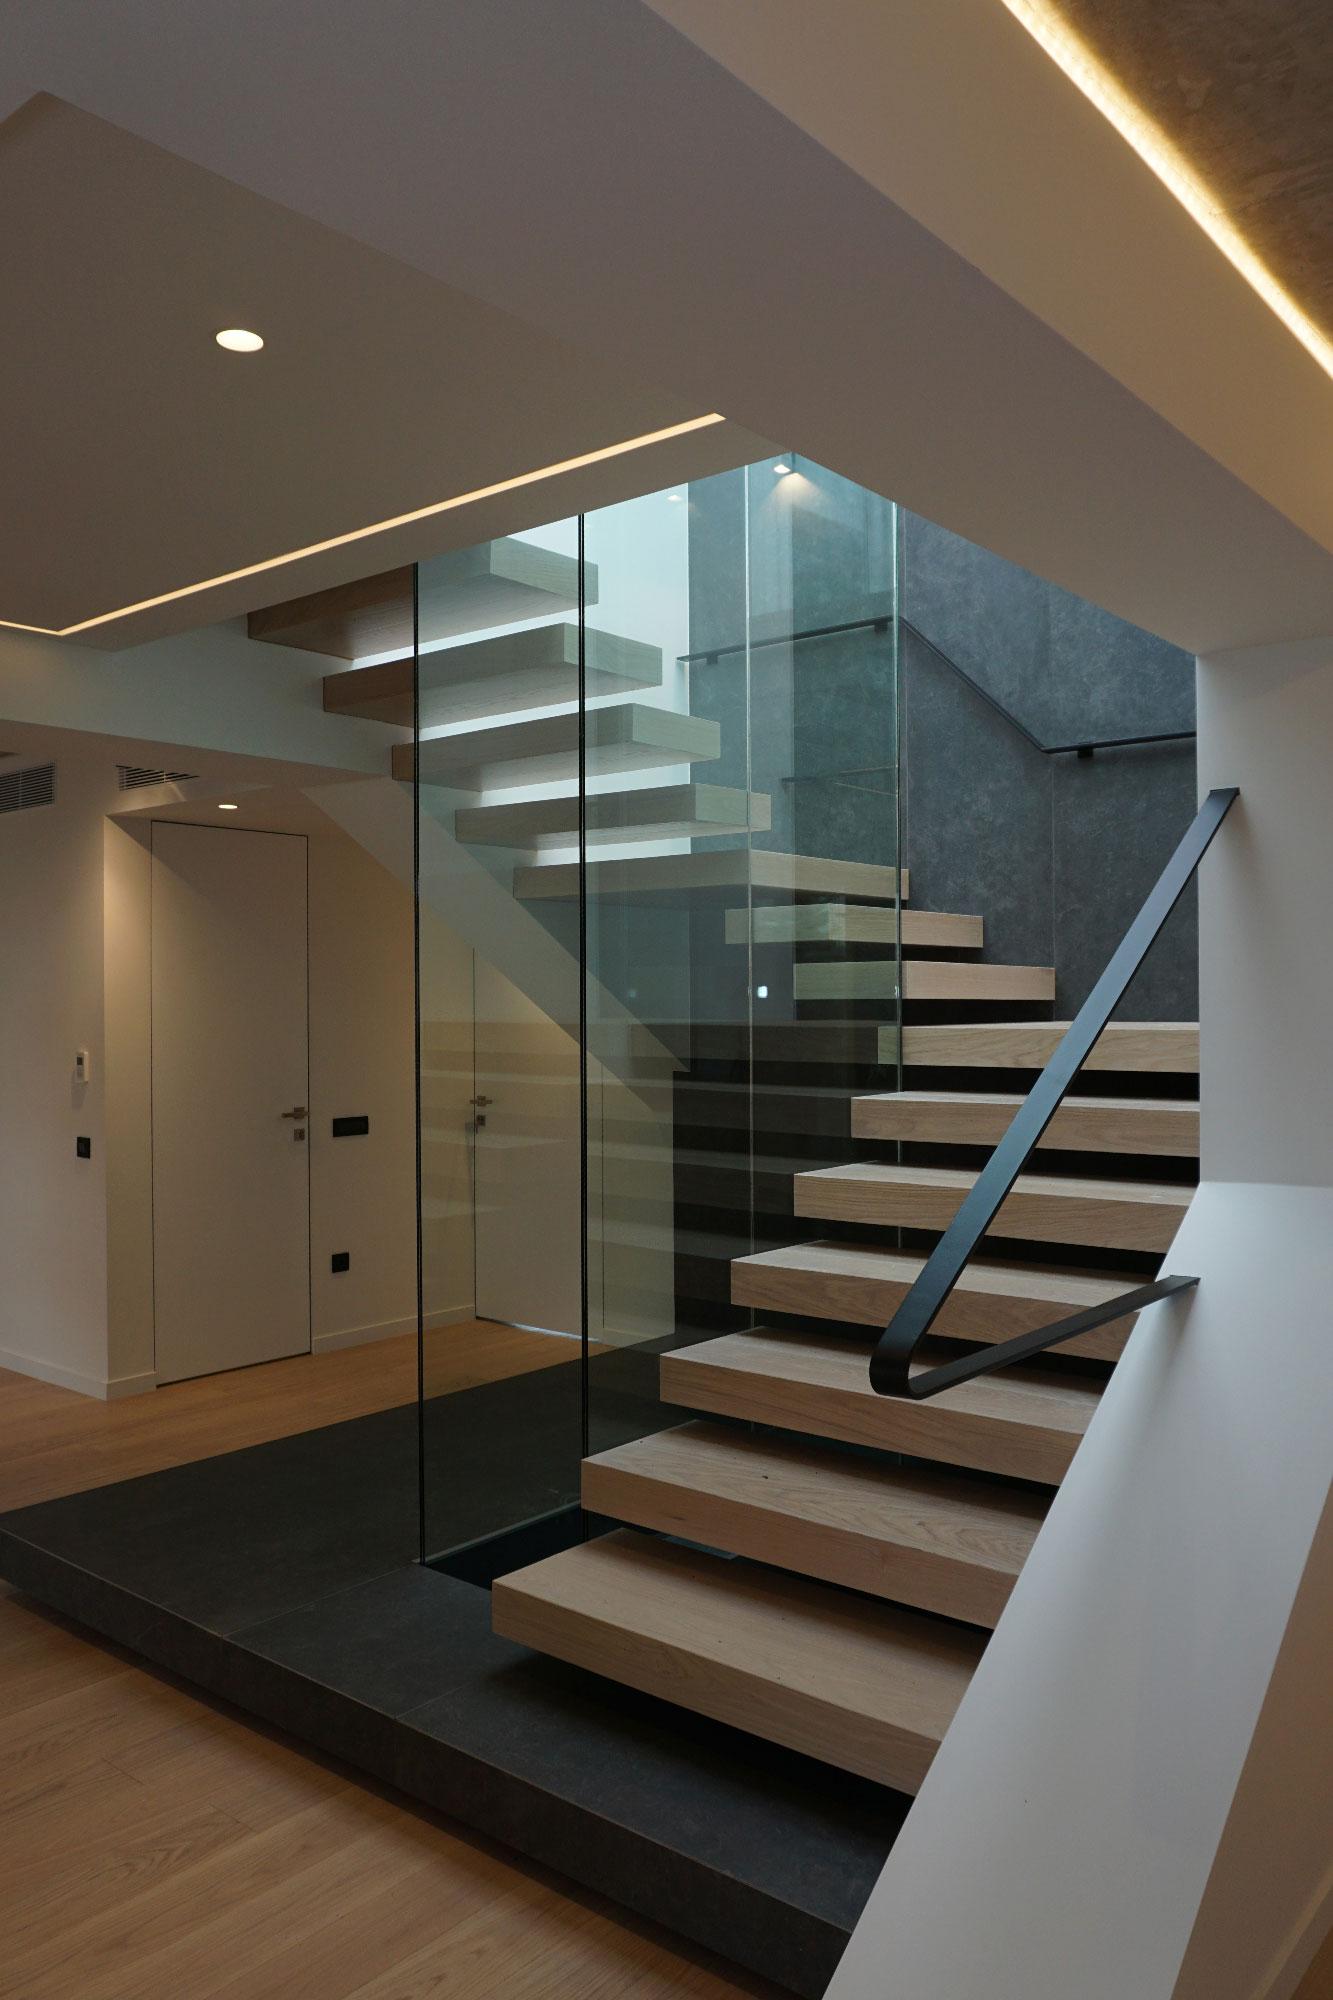 Γλυφαδα - Διαμέρισμα 2ου οροφου - Glyfada - 2nd floor apartment